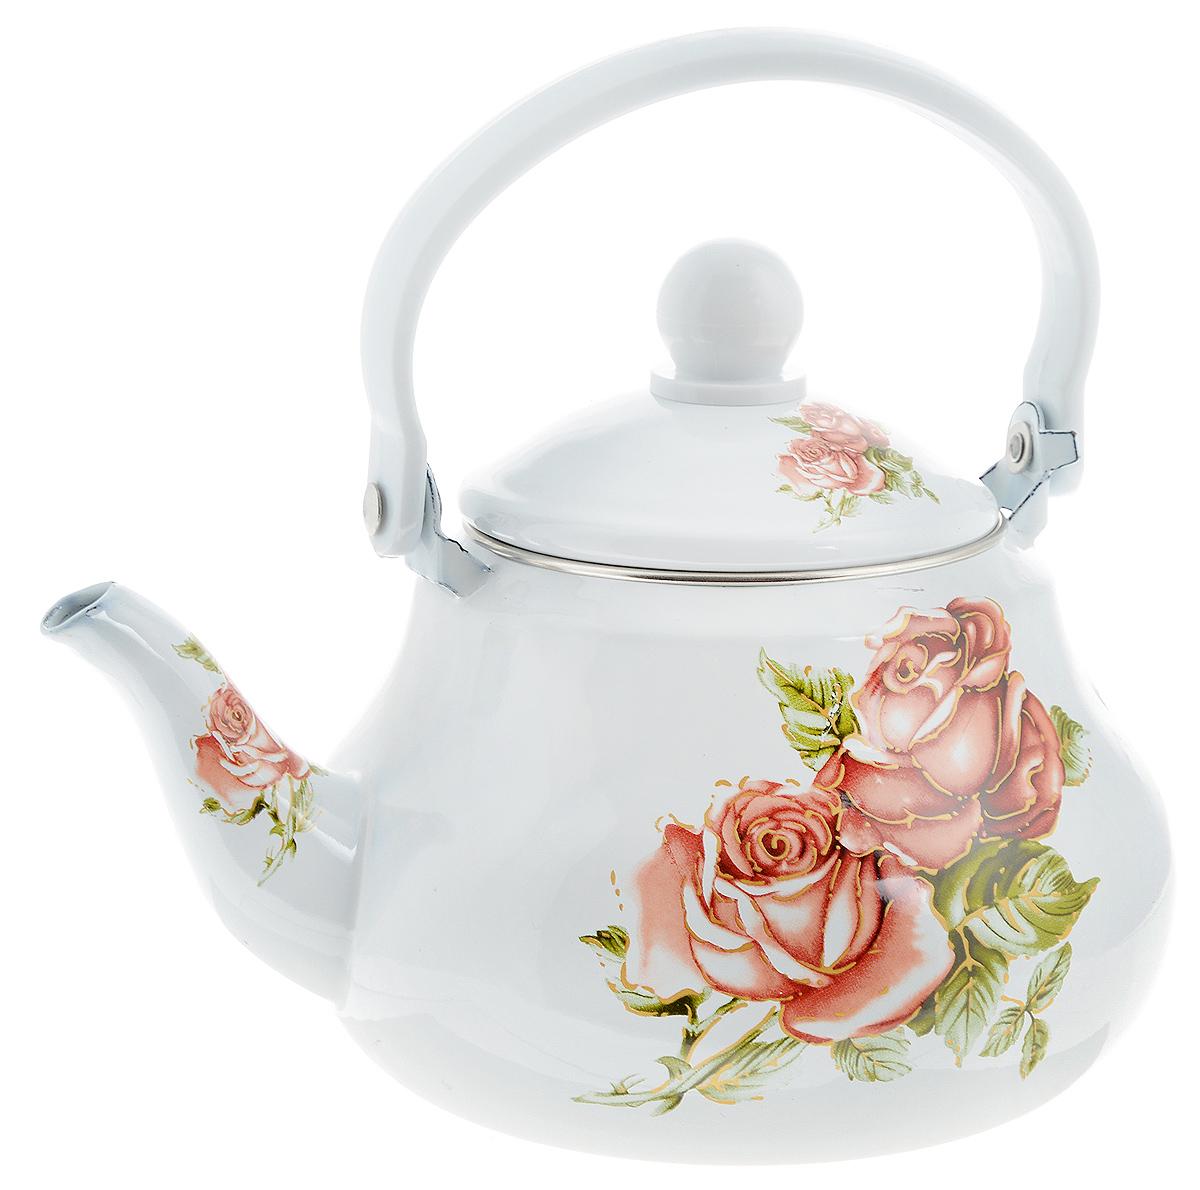 Чайник заварочный Mayer & Boch Яркие розы, 1,5 л25618Заварочный чайник Mayer & Boch Яркие розы изготовлен из высококачественной углеродистой стали с эмалированным покрытием. Такое покрытие защищает сталь от коррозии, придает посуде гладкую стекловидную поверхность и надежно защищает от кислот и щелочей. Изделие прекрасно подходит для заваривания вкусного и ароматного чая, травяных настоев. Чайник оснащен сетчатым фильтром, который задерживает чаинки и предотвращает их попадание в чашку. Оригинальный дизайн сделает чайник настоящим украшением стола. Он удобен в использовании и понравится каждому. Подходит для использования на газовых, стеклокерамических, электрических, галогеновых и индукционных плитах. Можно мыть в посудомоечной машине. Диаметр чайника (по верхнему краю): 9,5 см. Высота чайника (без учета крышки): 11 см.Толщина стенок: 8 мм.